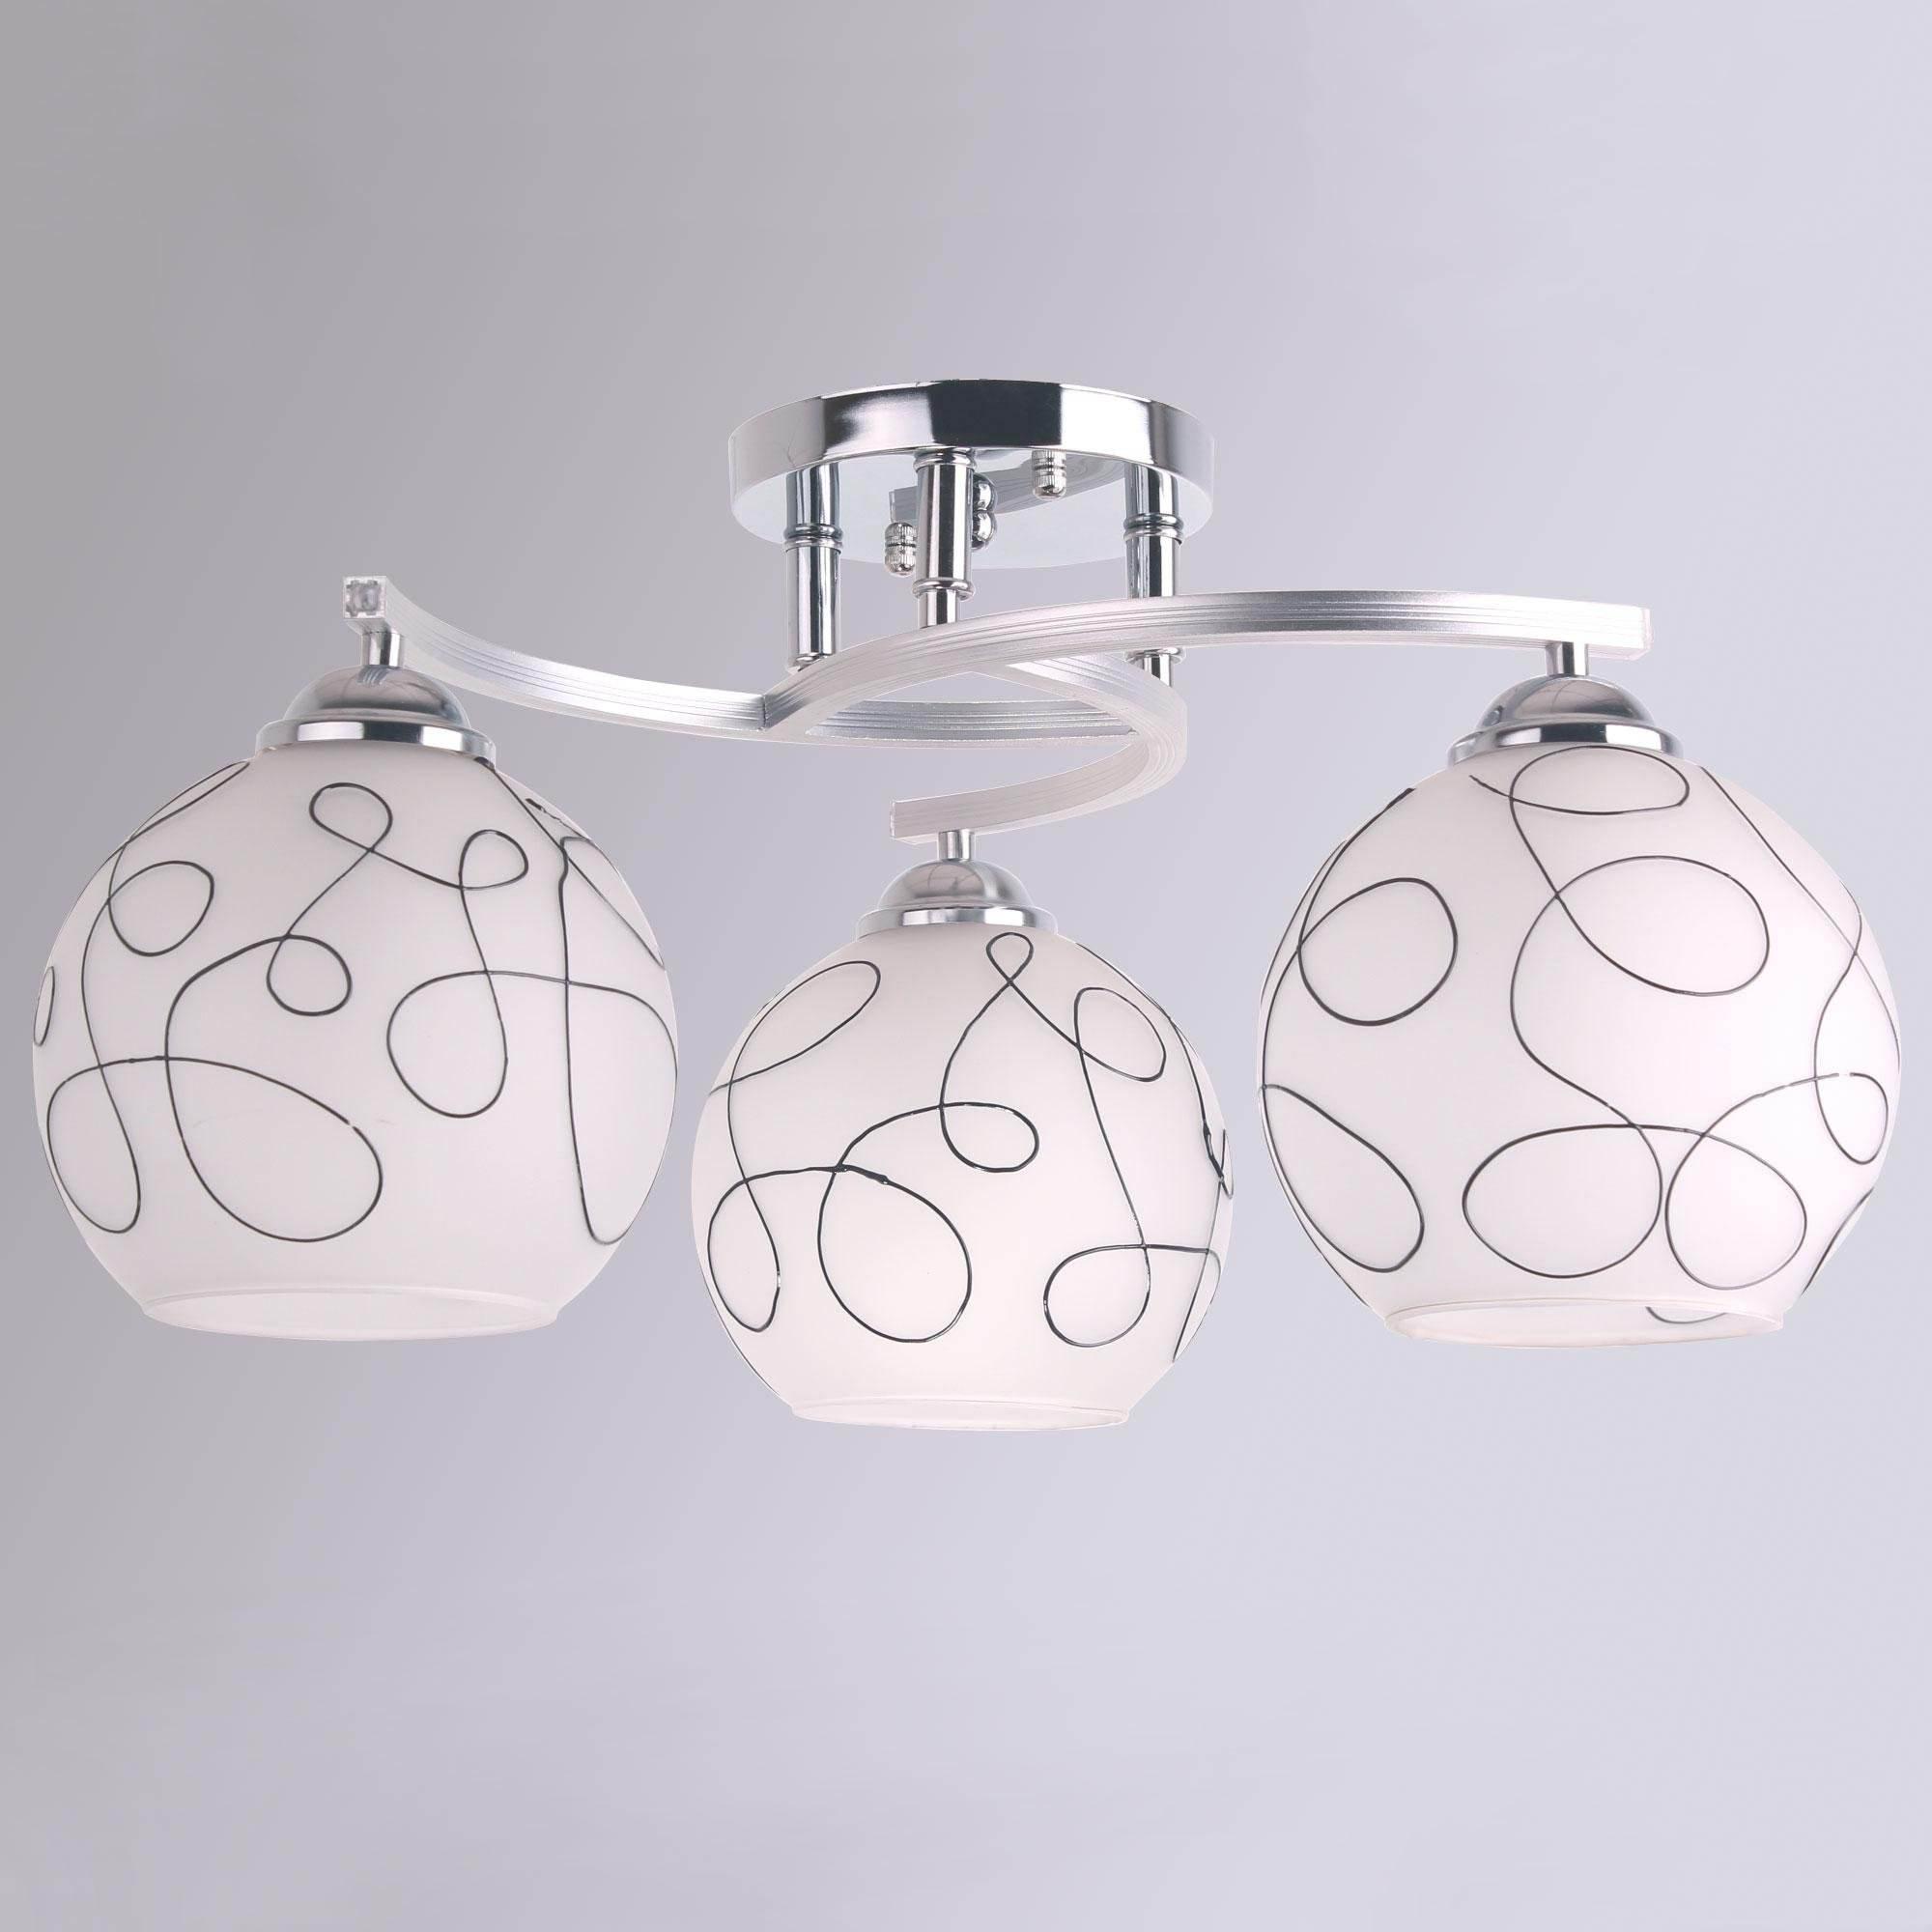 灯具灯饰进口基本流程